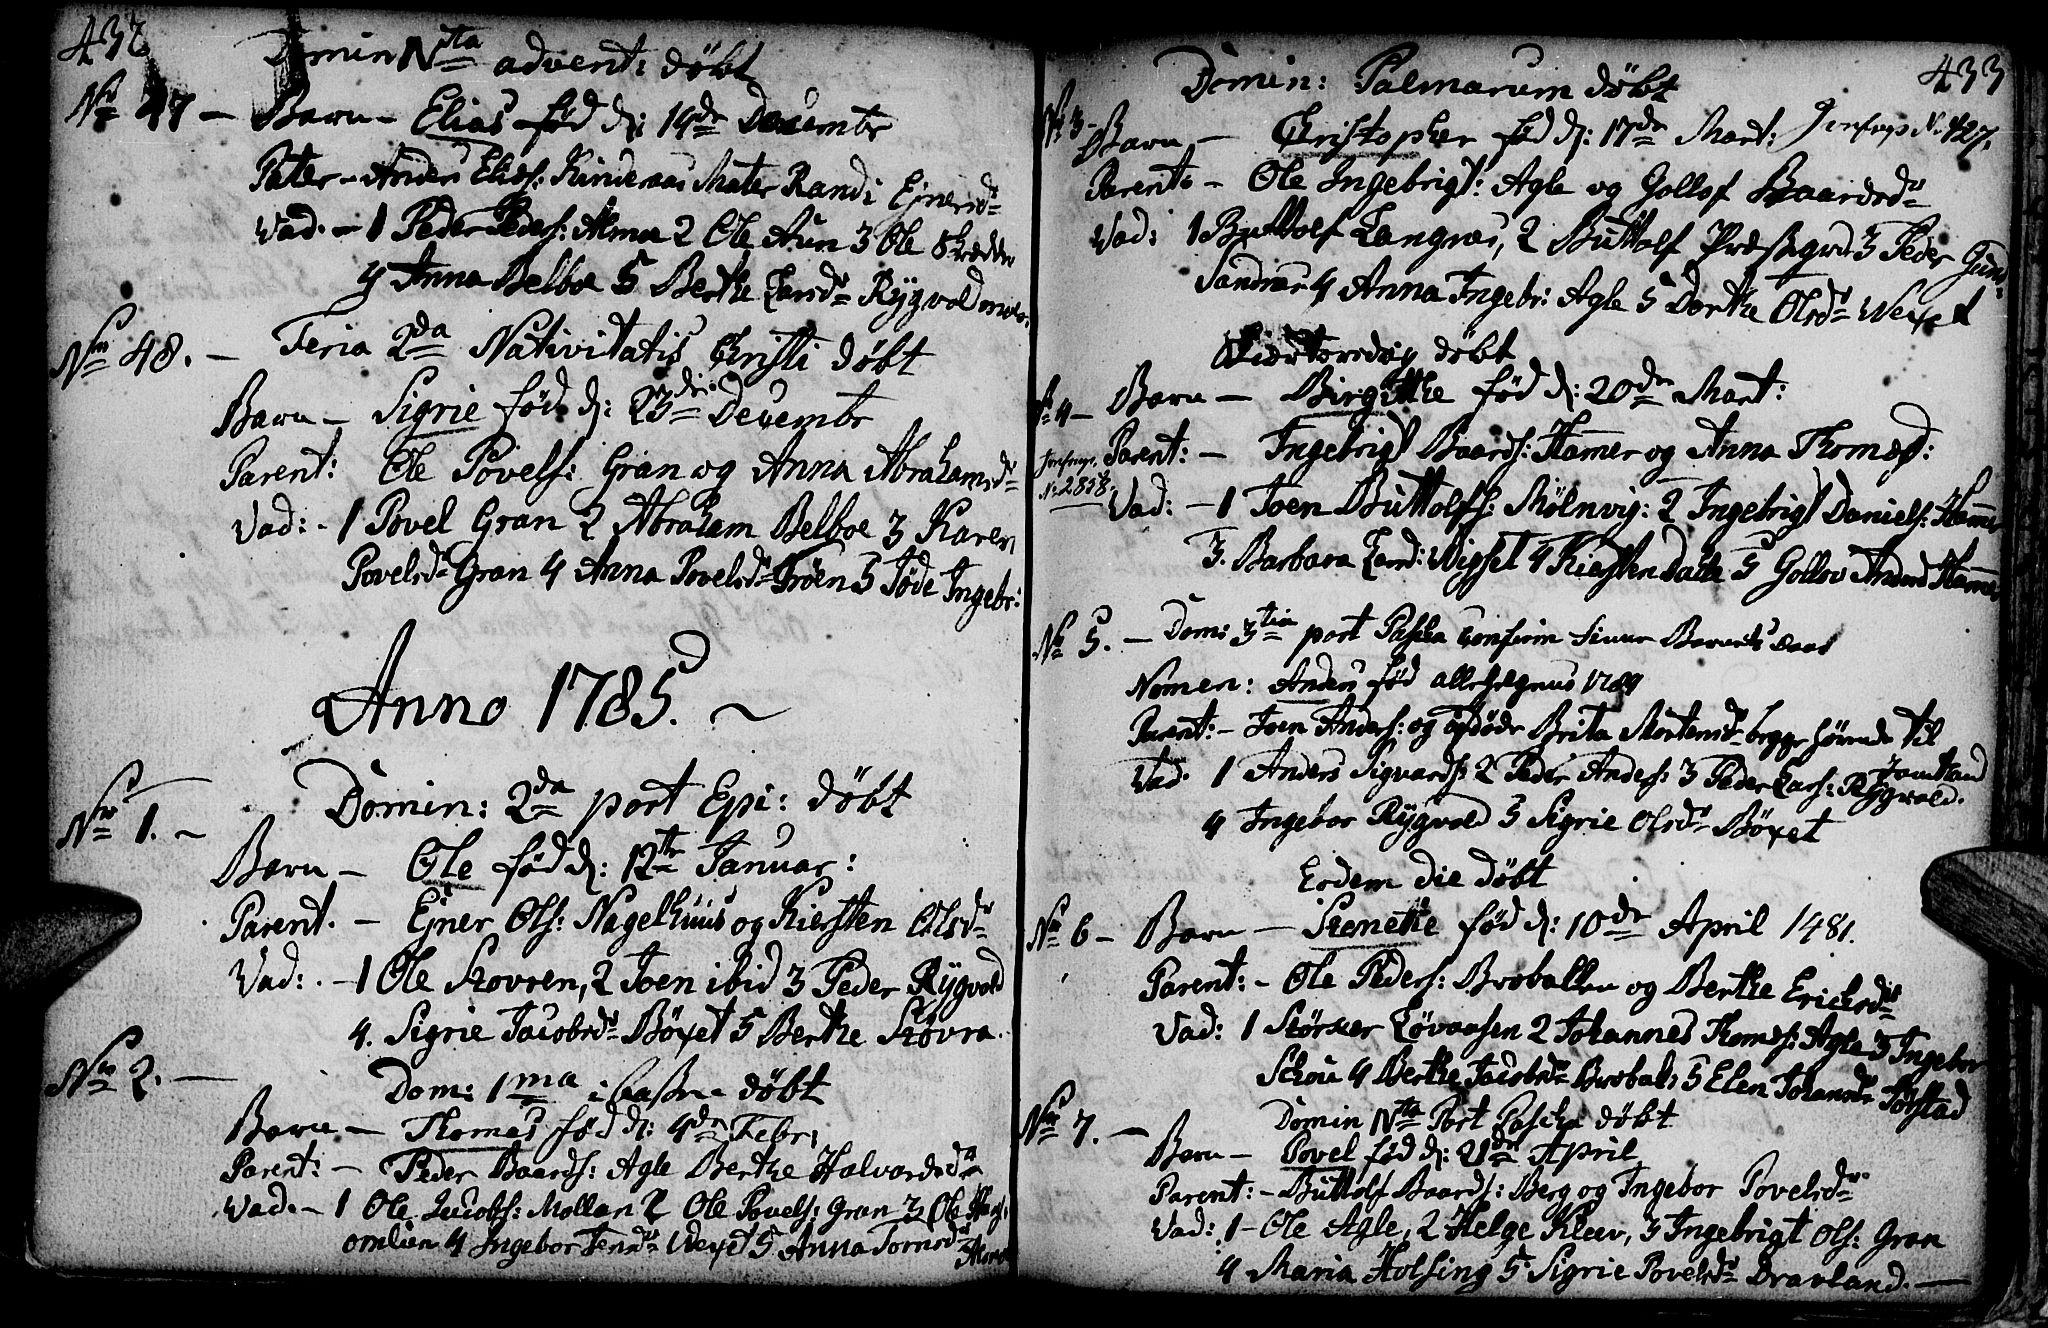 SAT, Ministerialprotokoller, klokkerbøker og fødselsregistre - Nord-Trøndelag, 749/L0467: Ministerialbok nr. 749A01, 1733-1787, s. 432-433